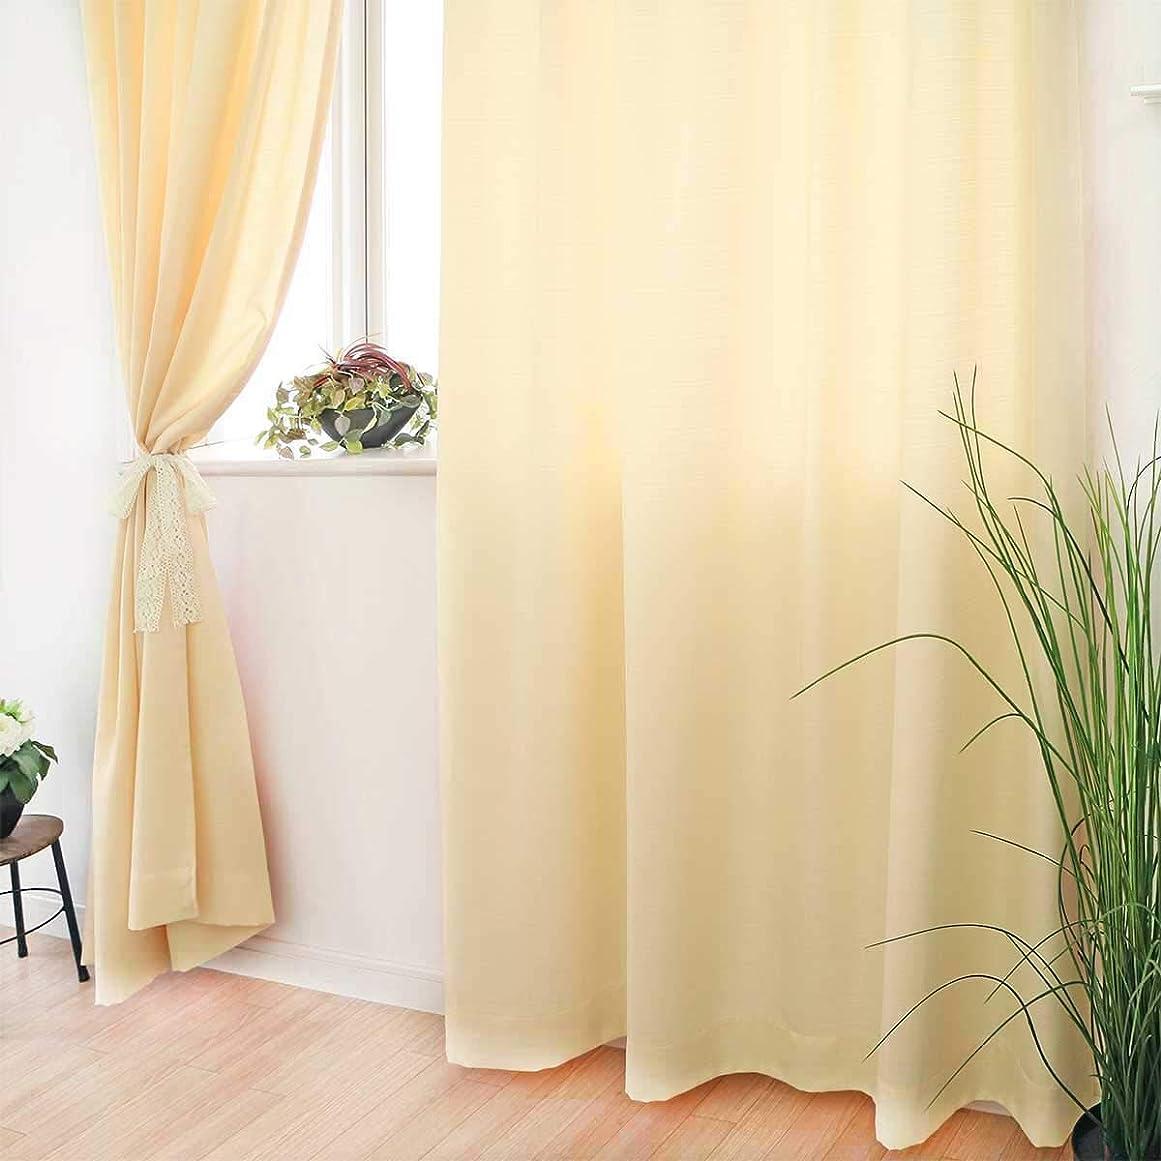 整理する安全性資産満天カーテン 【UVカット96%の ナチュラル麻調 レースカーテン】 断熱 保温 UVカット 昼夜透けにくい しっかり厚手でカーテンとしても使える ローレン-ベージュ 幅100x丈176cm 2枚入